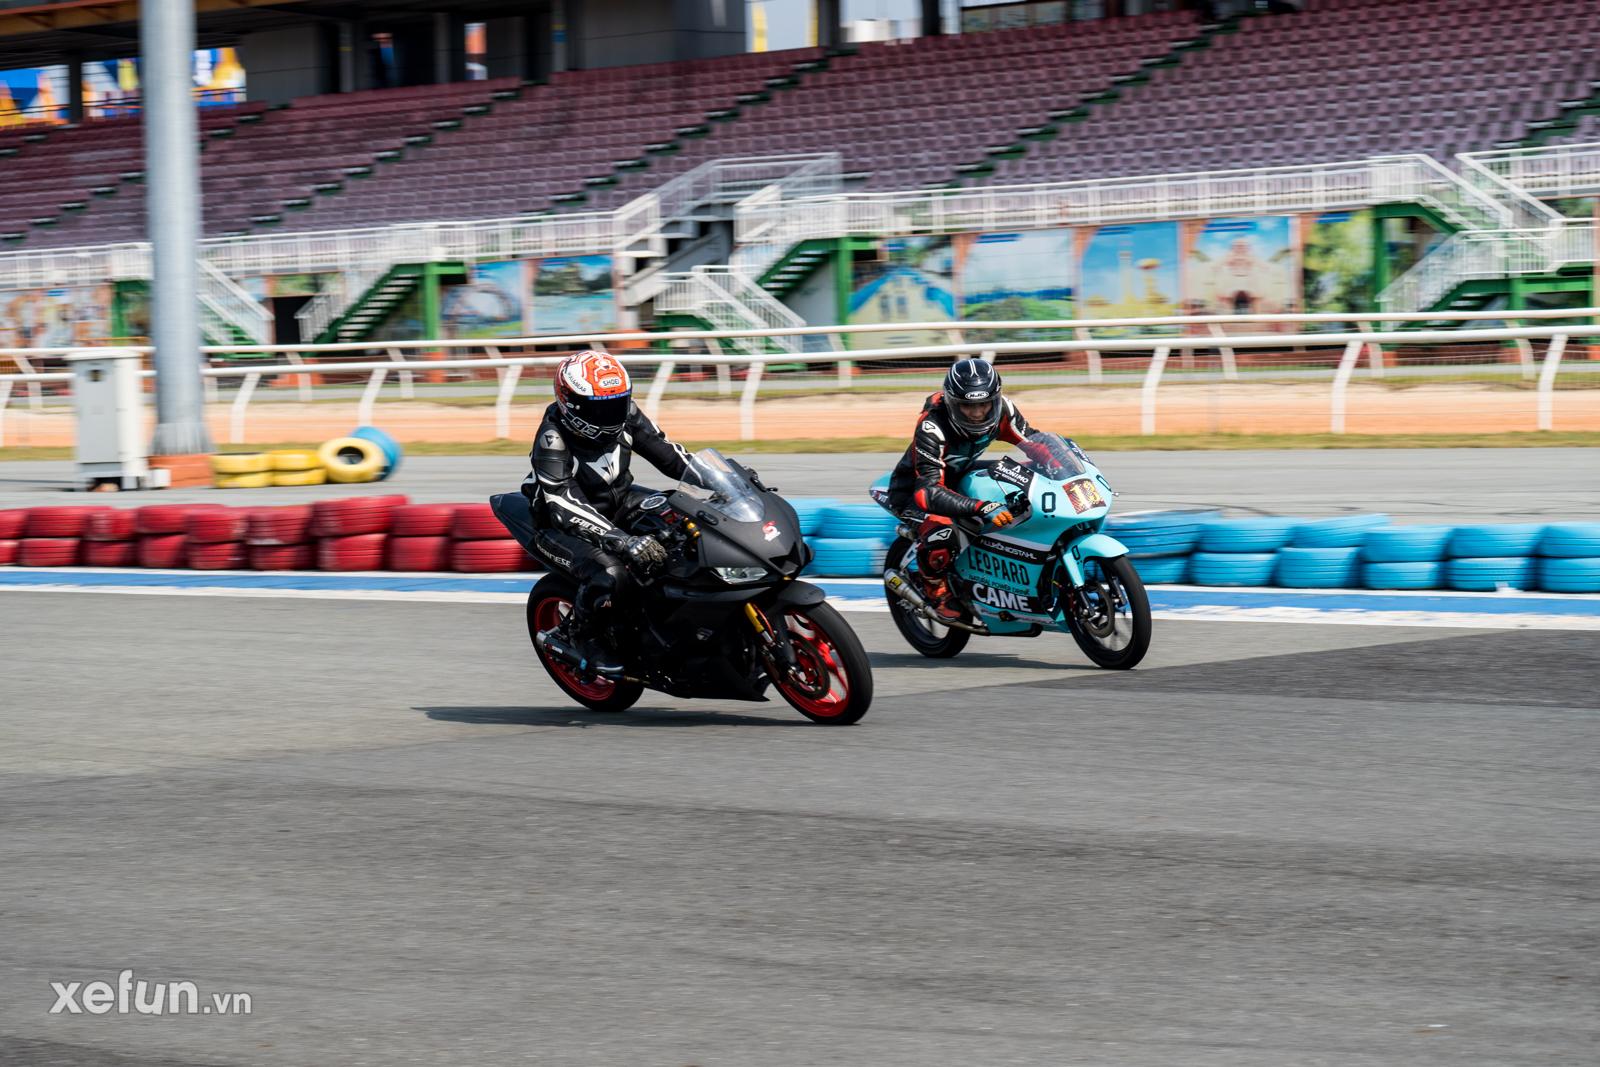 Các tay đua nài xe phân khối lớn PKL BMW S1000RR Ducati Monster Kawasaki Ninja ZX10R tại Trường đua Đại Nam trên Xefun (55)3646